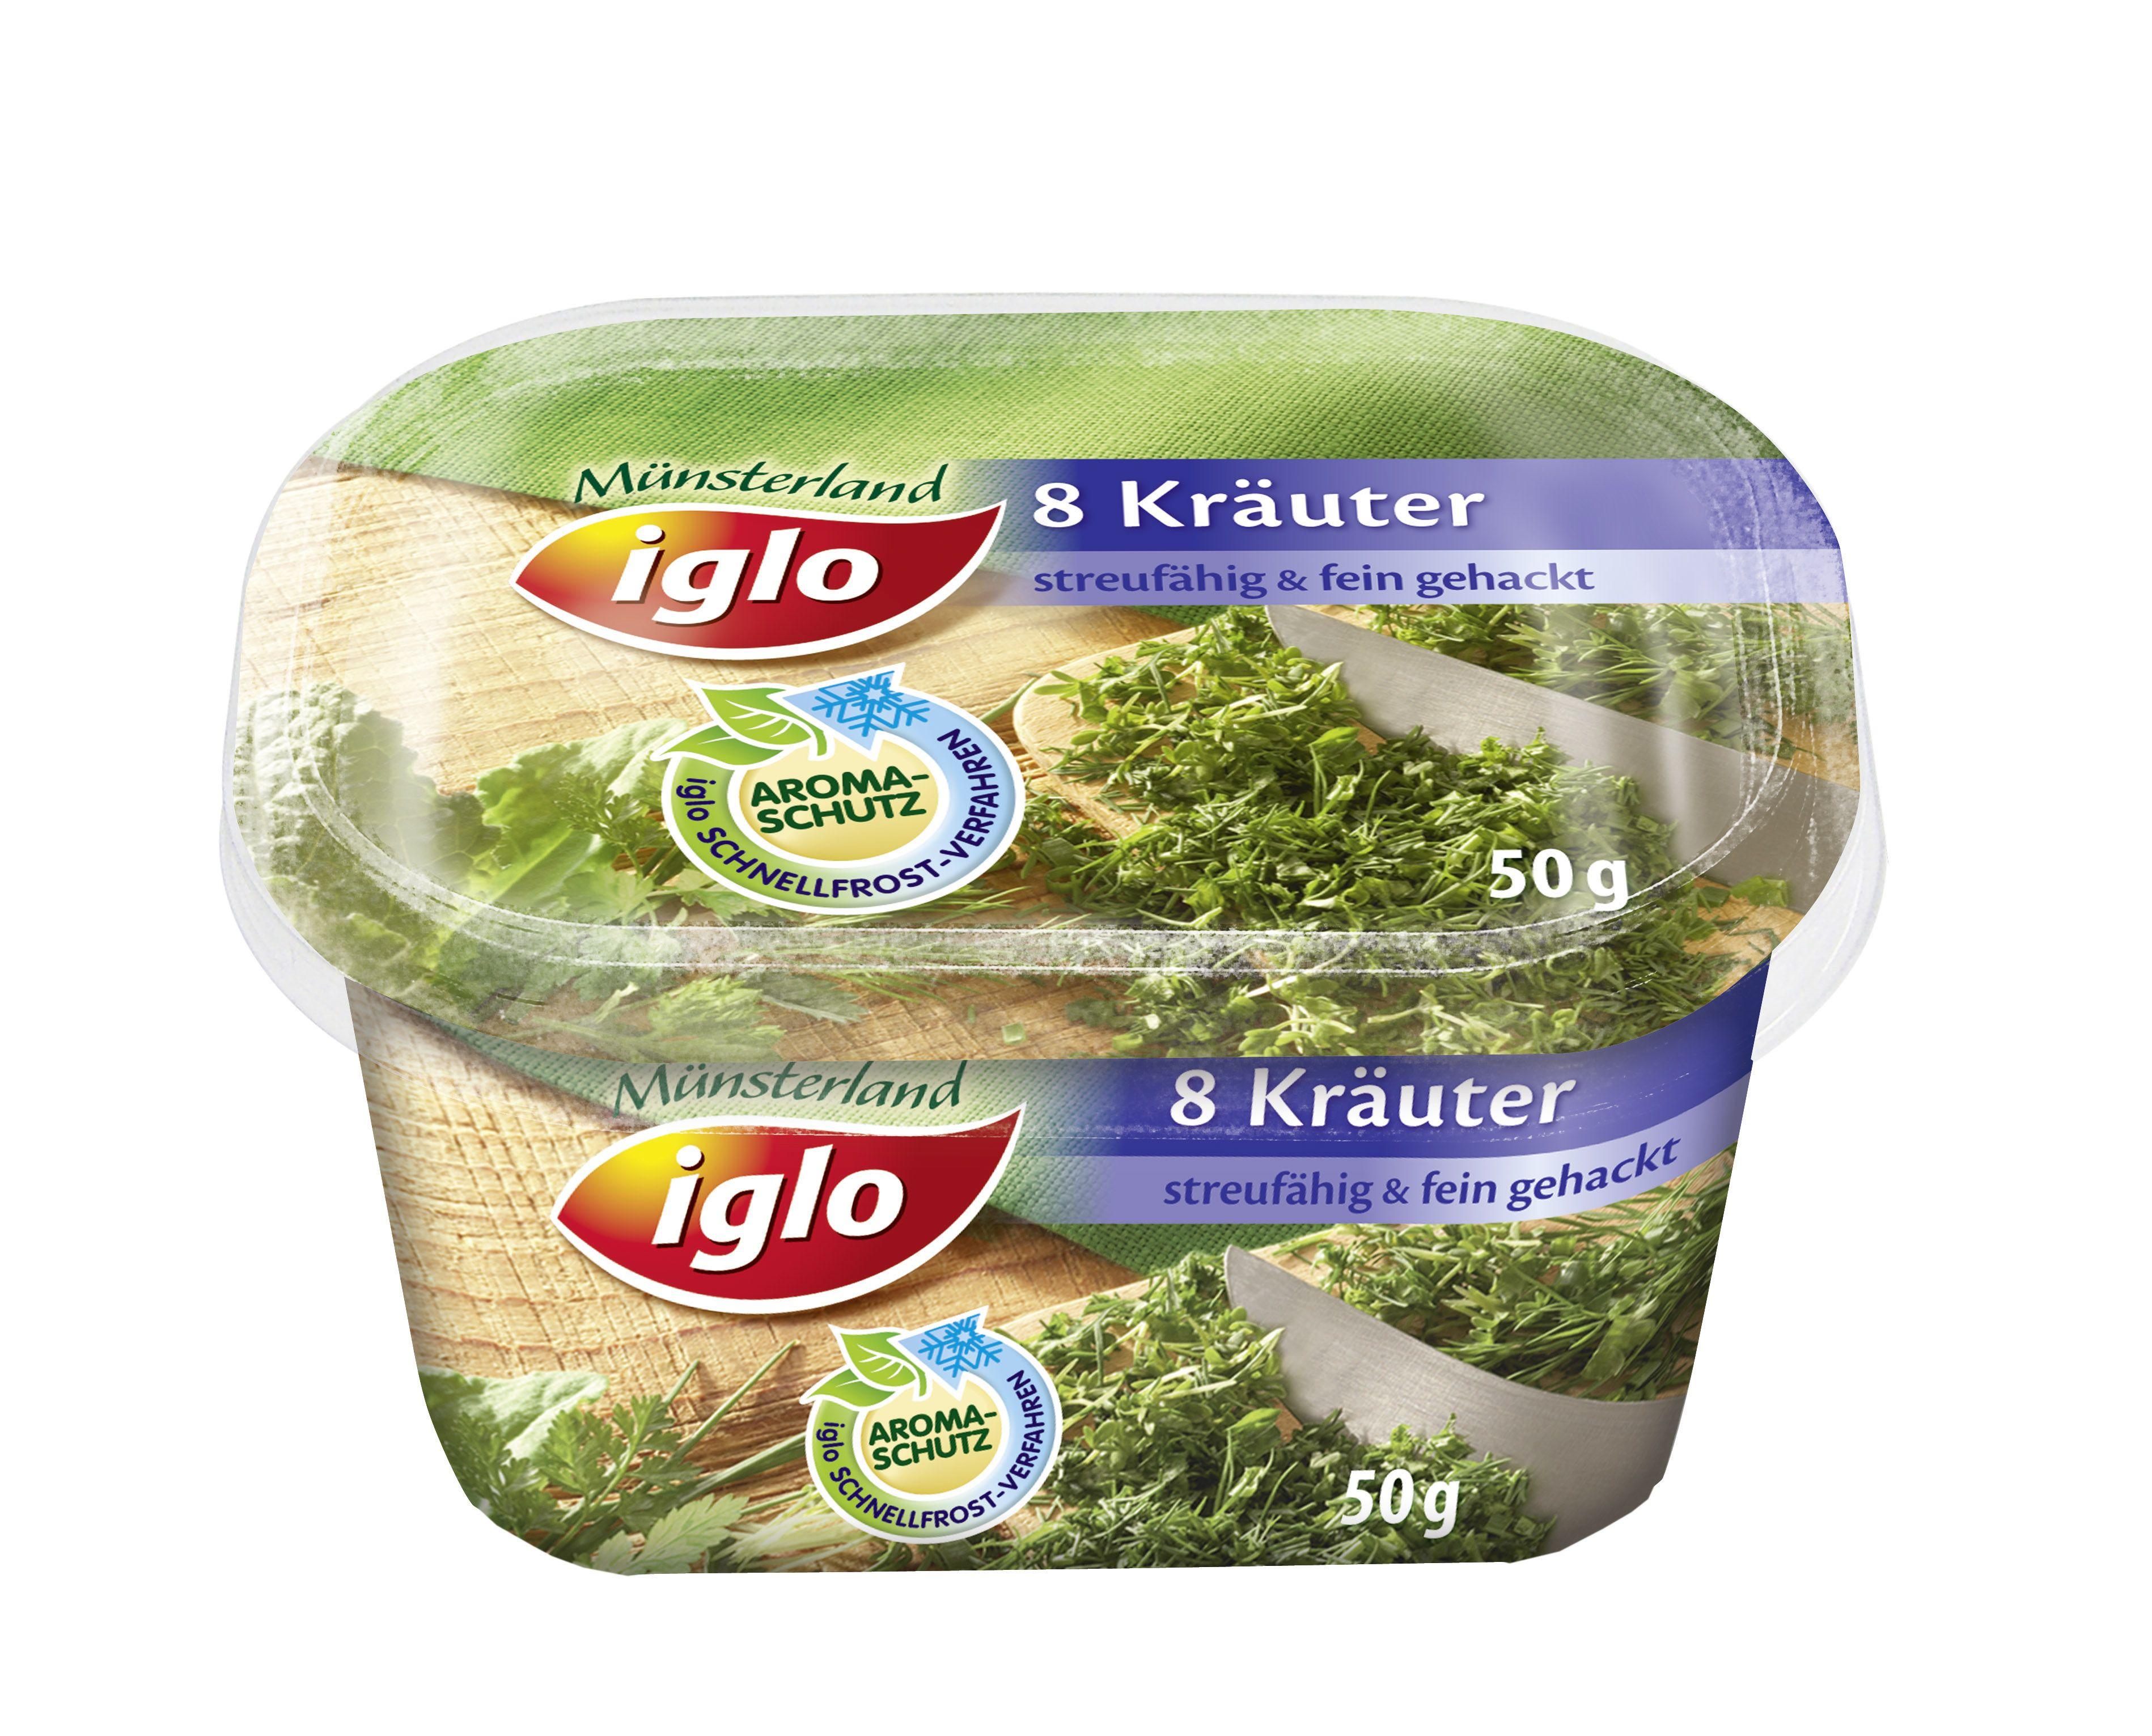 Iglo Tk Kräuter